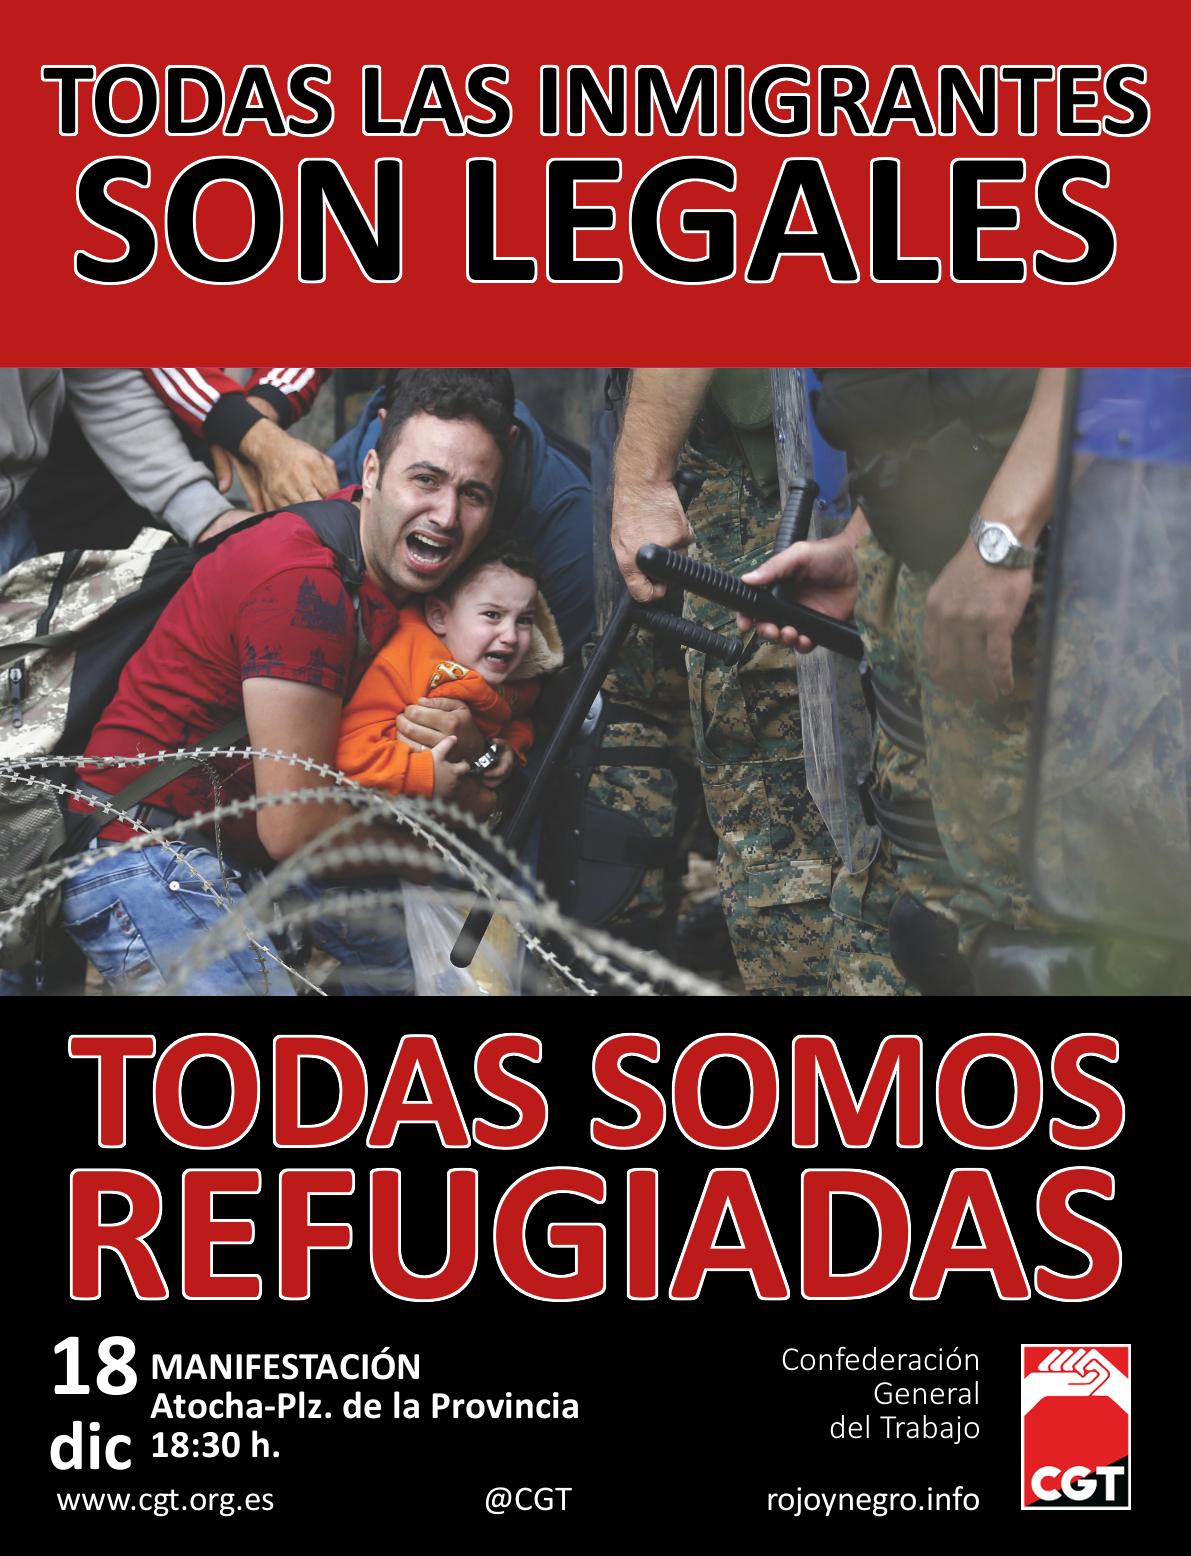 Todas somos refugiadas castellano